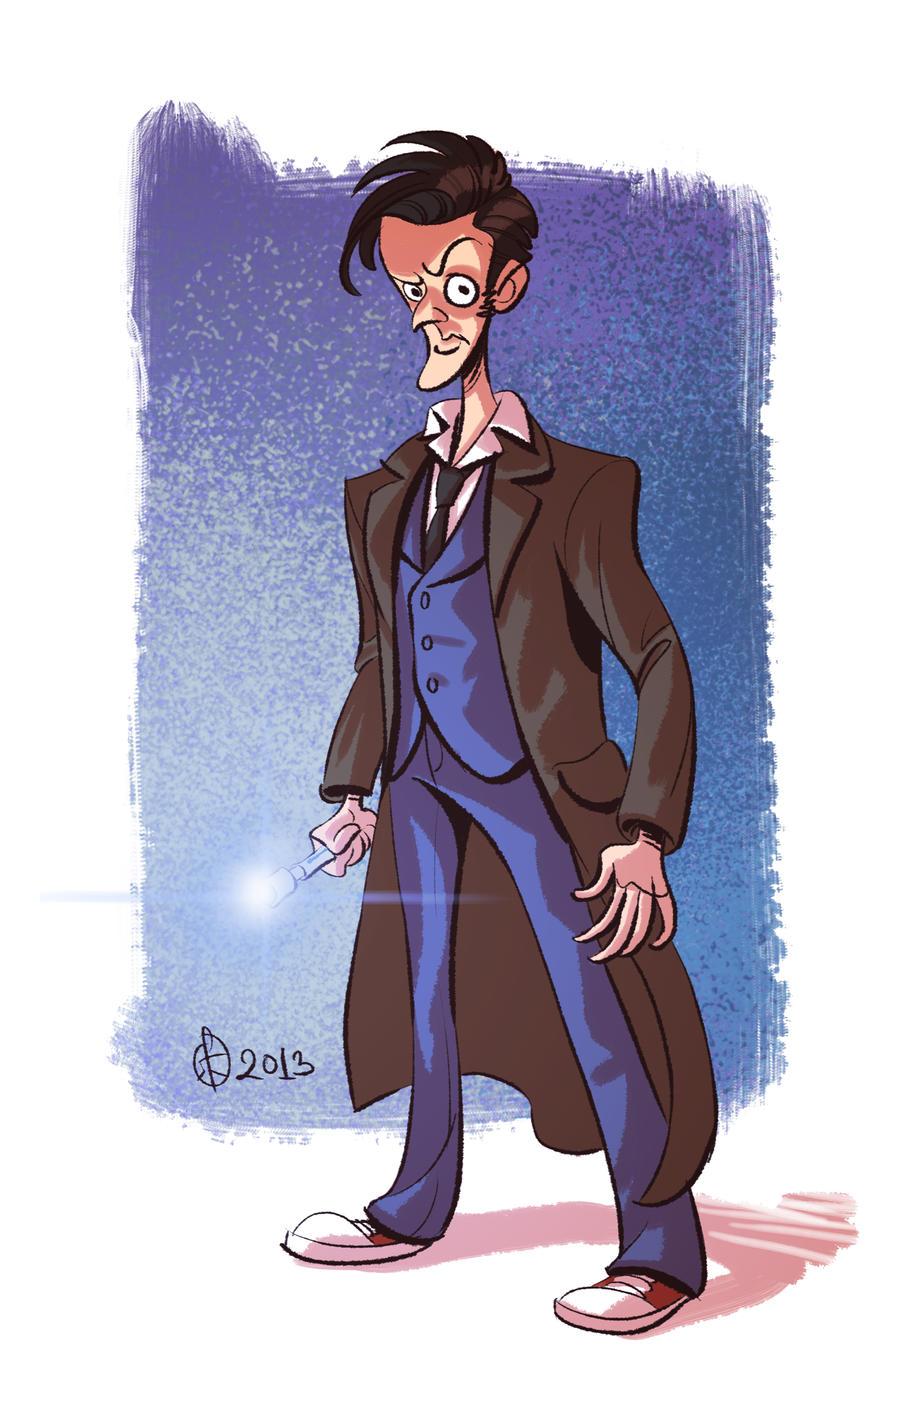 http://splendidriver.deviantart.com/art/The-Tenth-Doctor-439386448